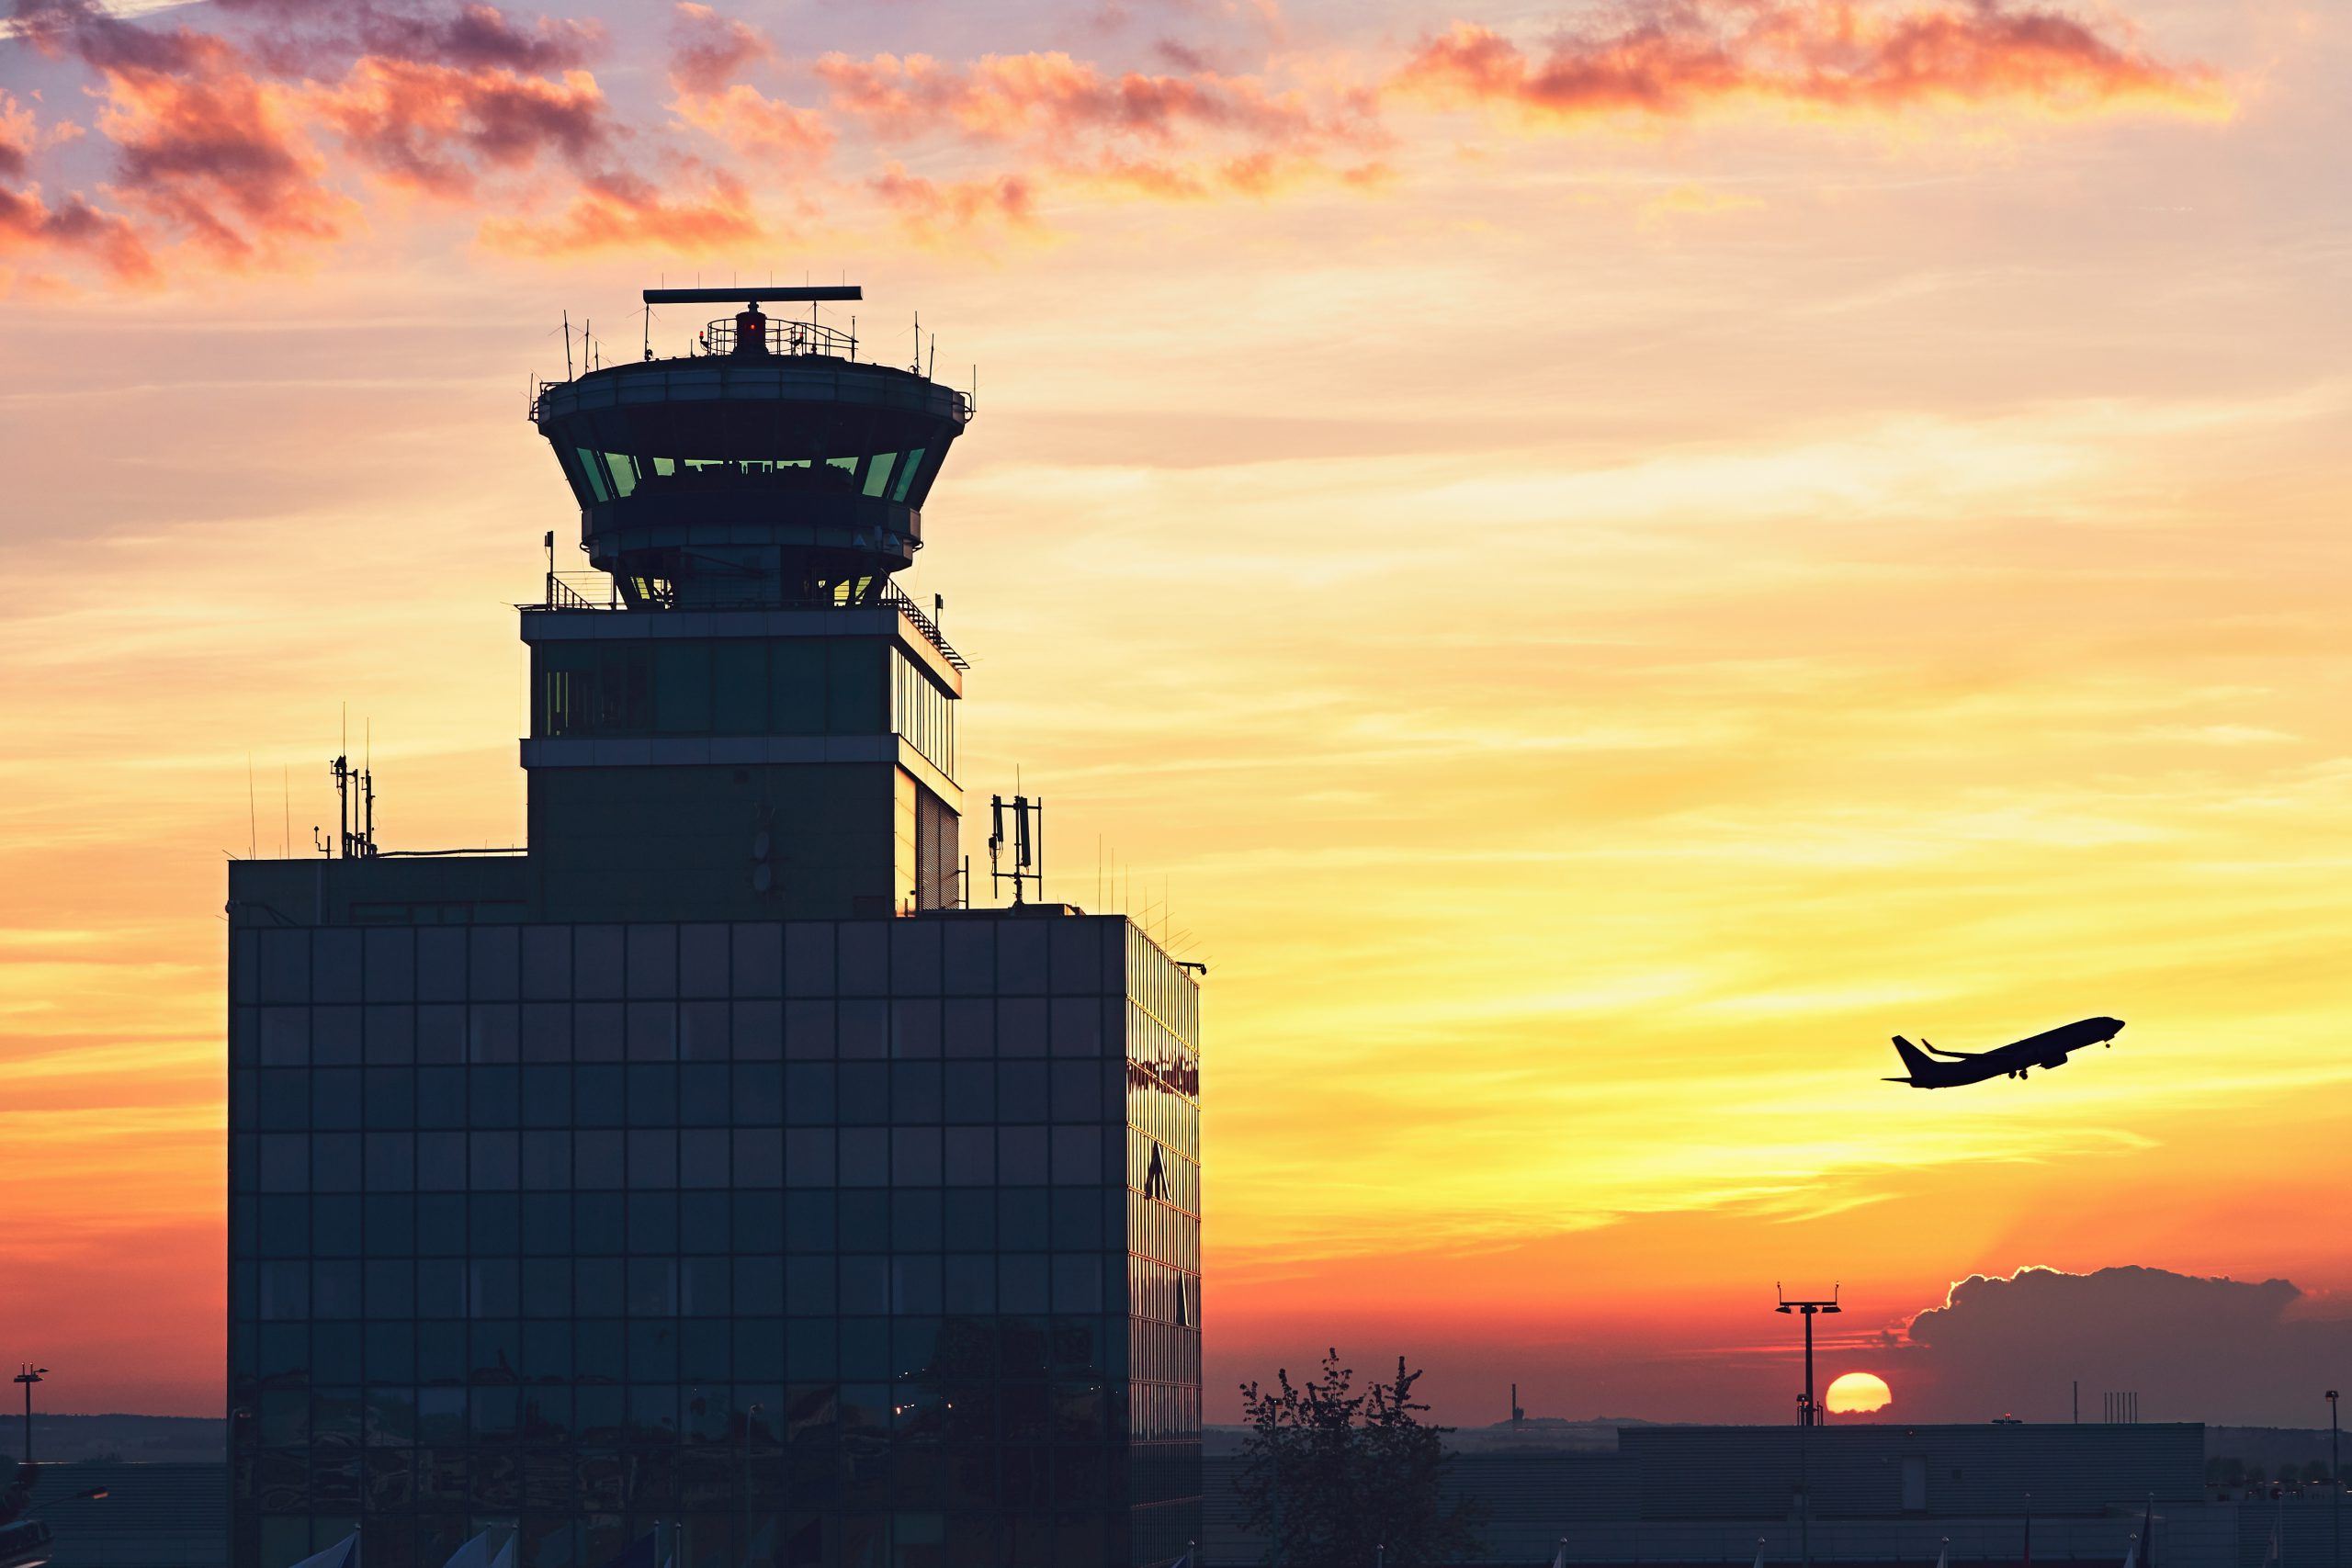 Asigurarea răspunderii civile a proprietarilor aeroporturilor și serviciilor aeriene